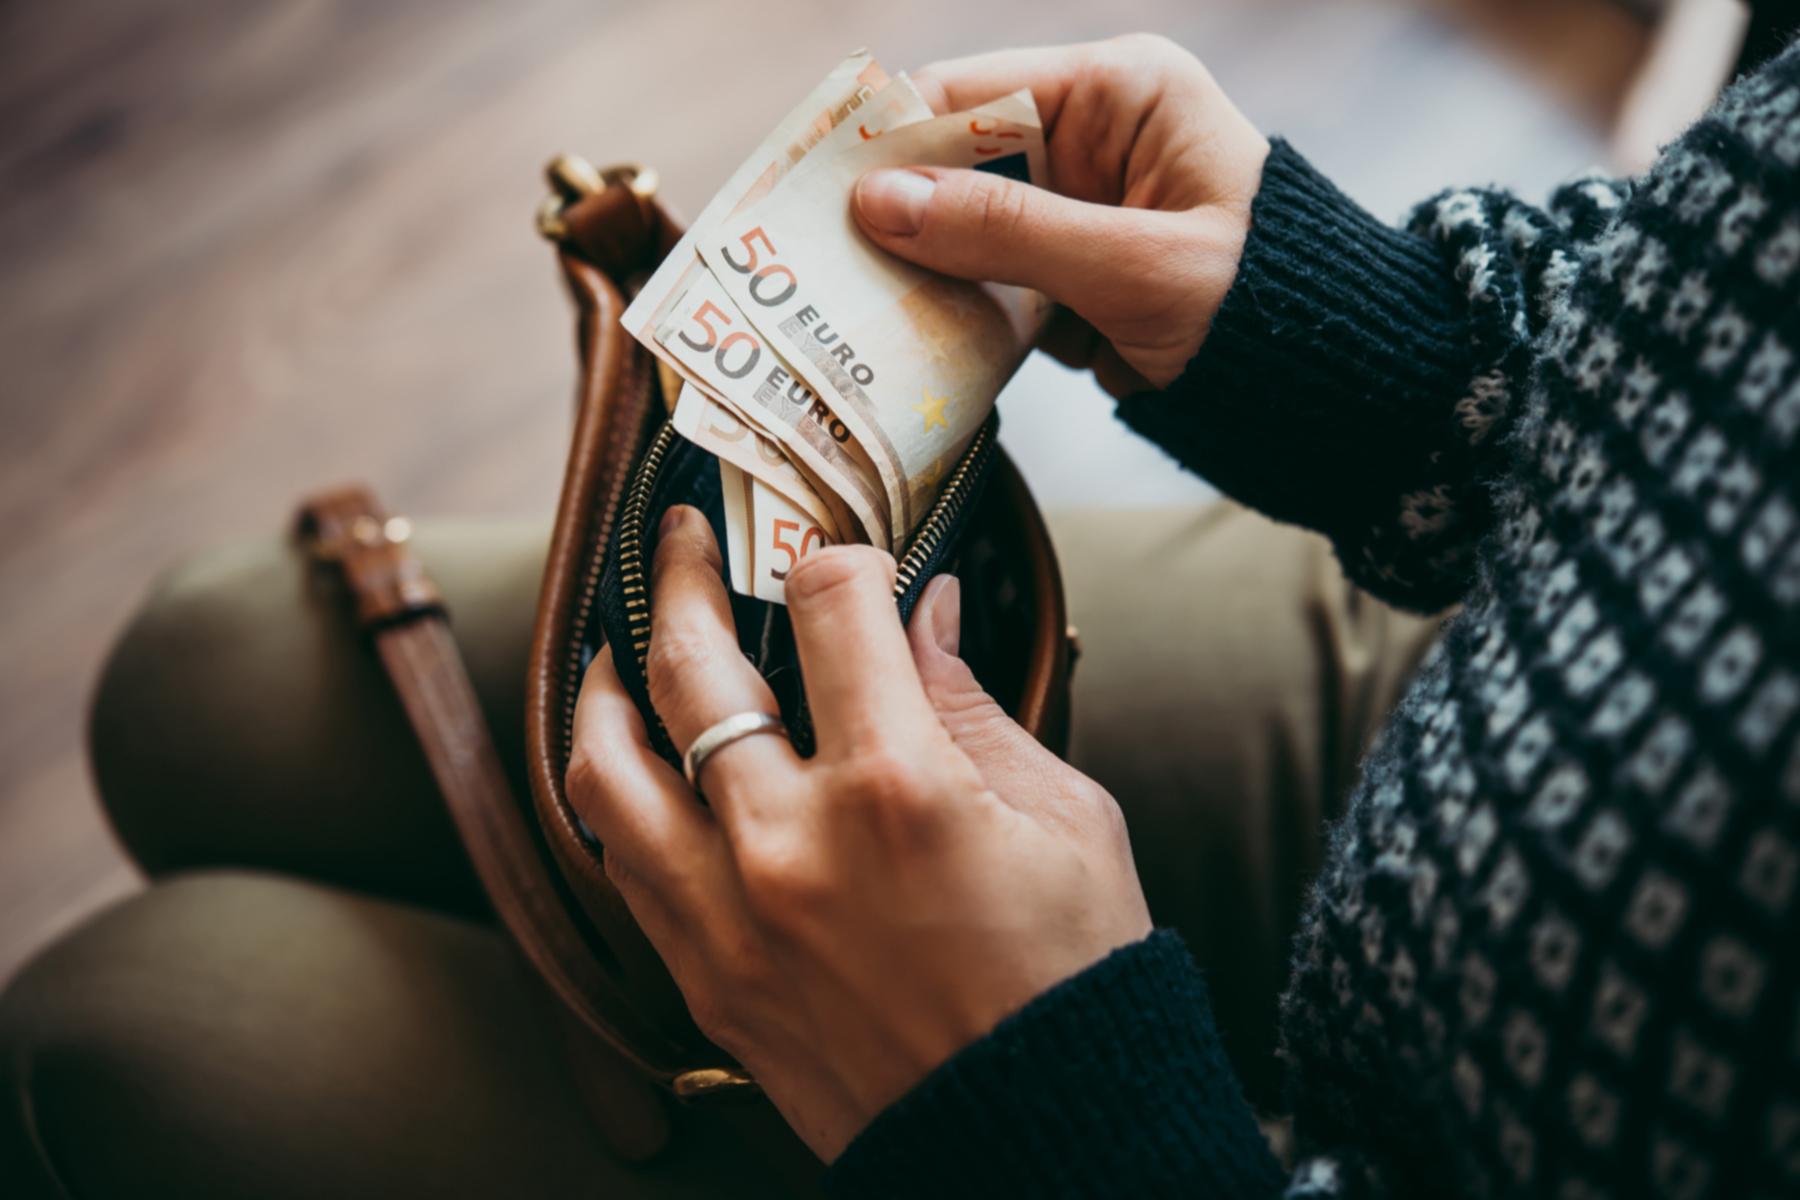 Wallet full of euros